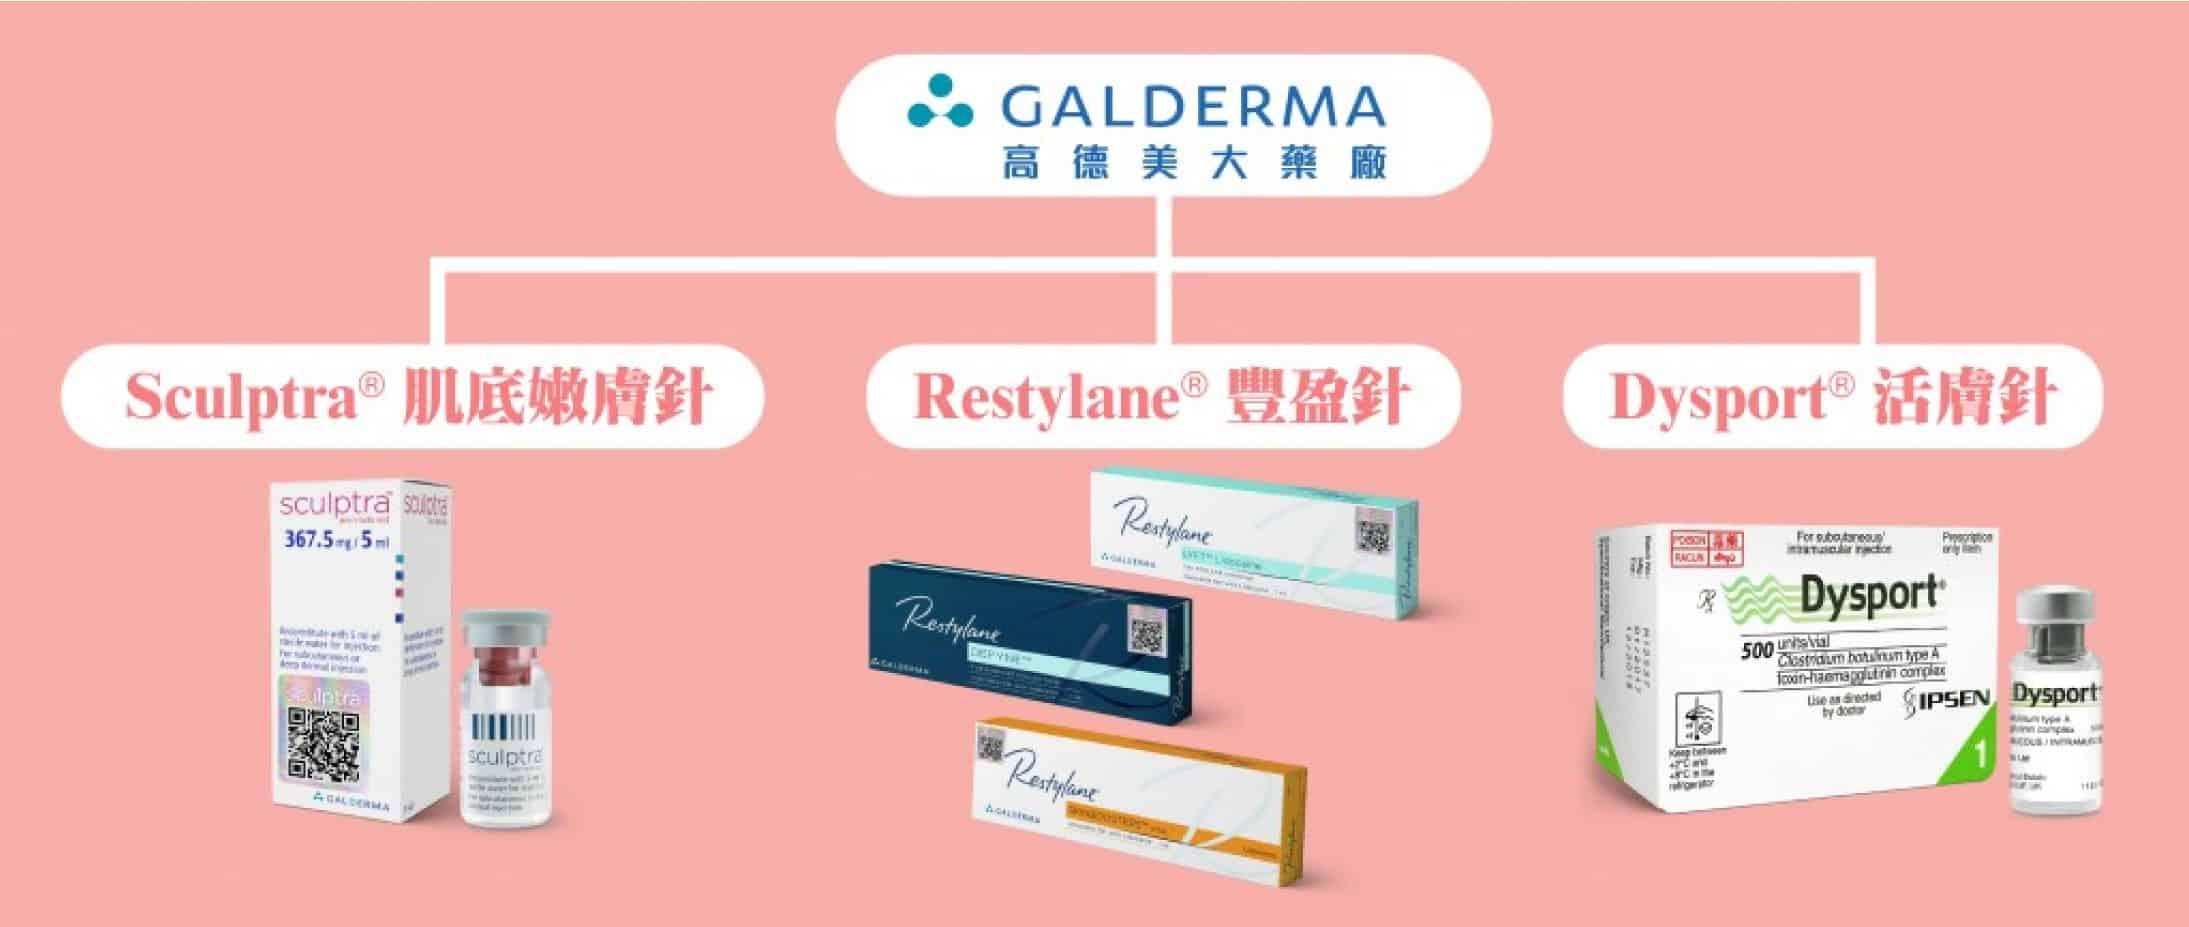 Restylane水光針 VitalLight 21